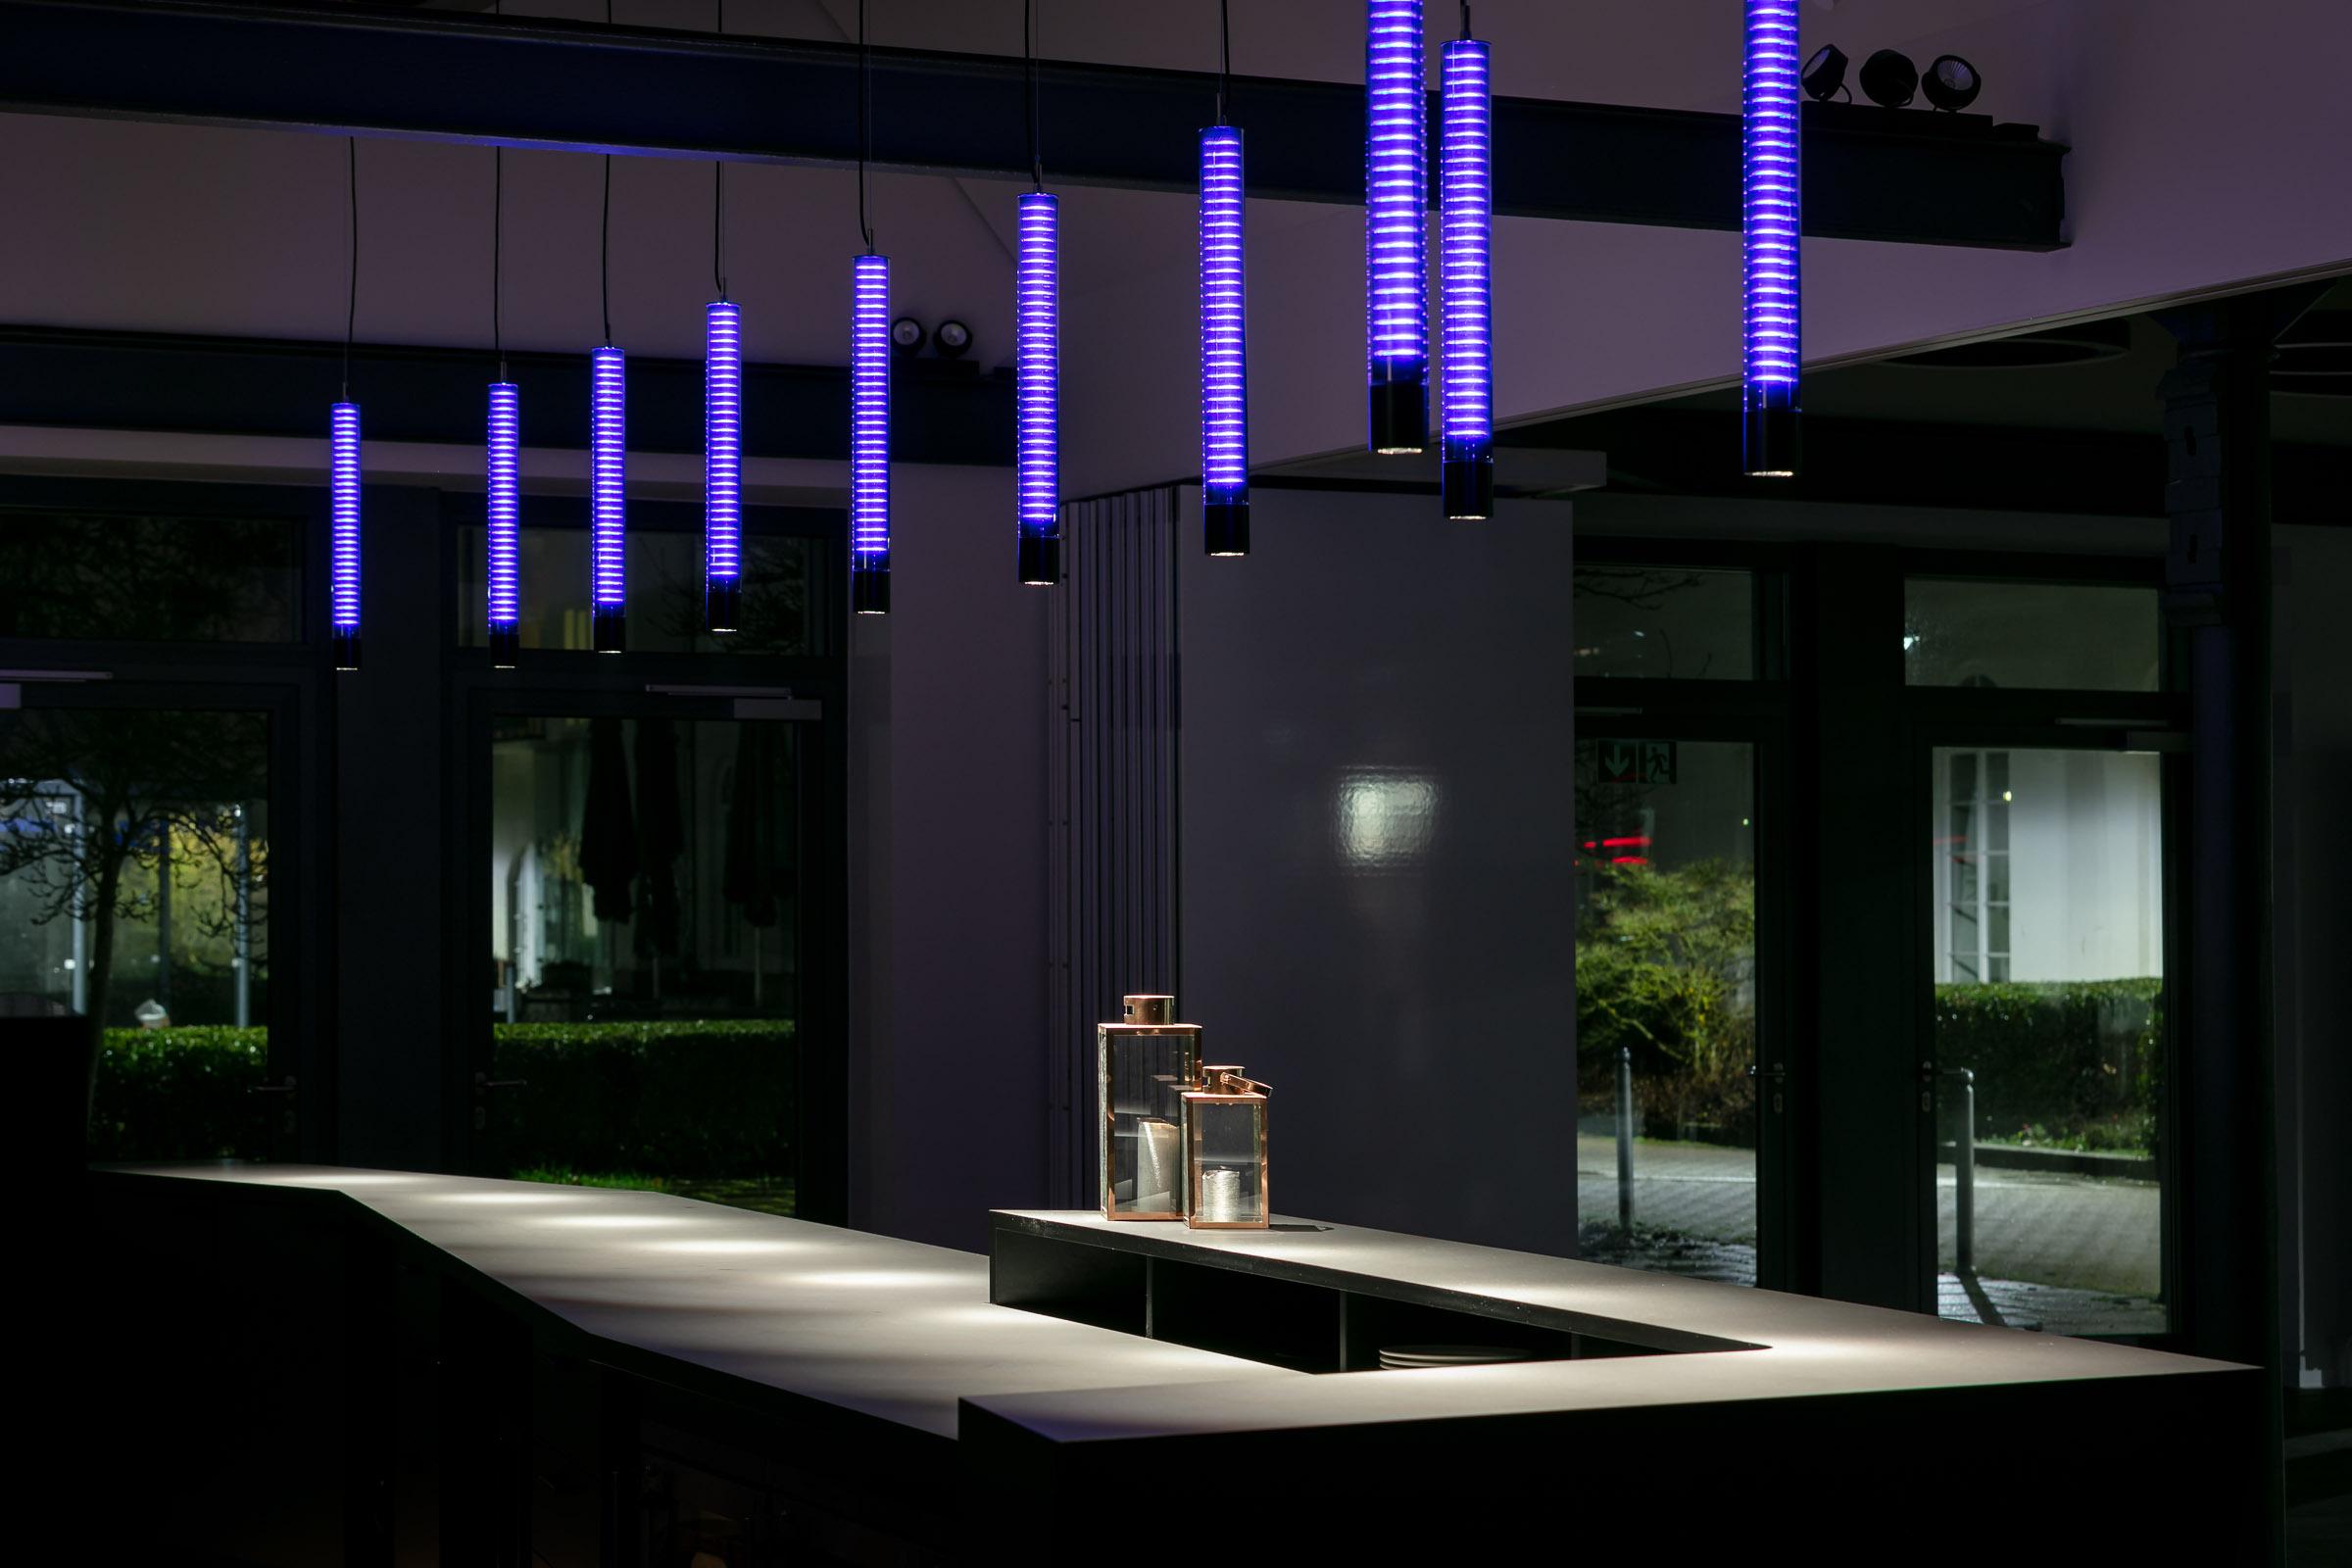 Lila leuchtende LED Pendelleuchten über einer schwarzen Bartheke